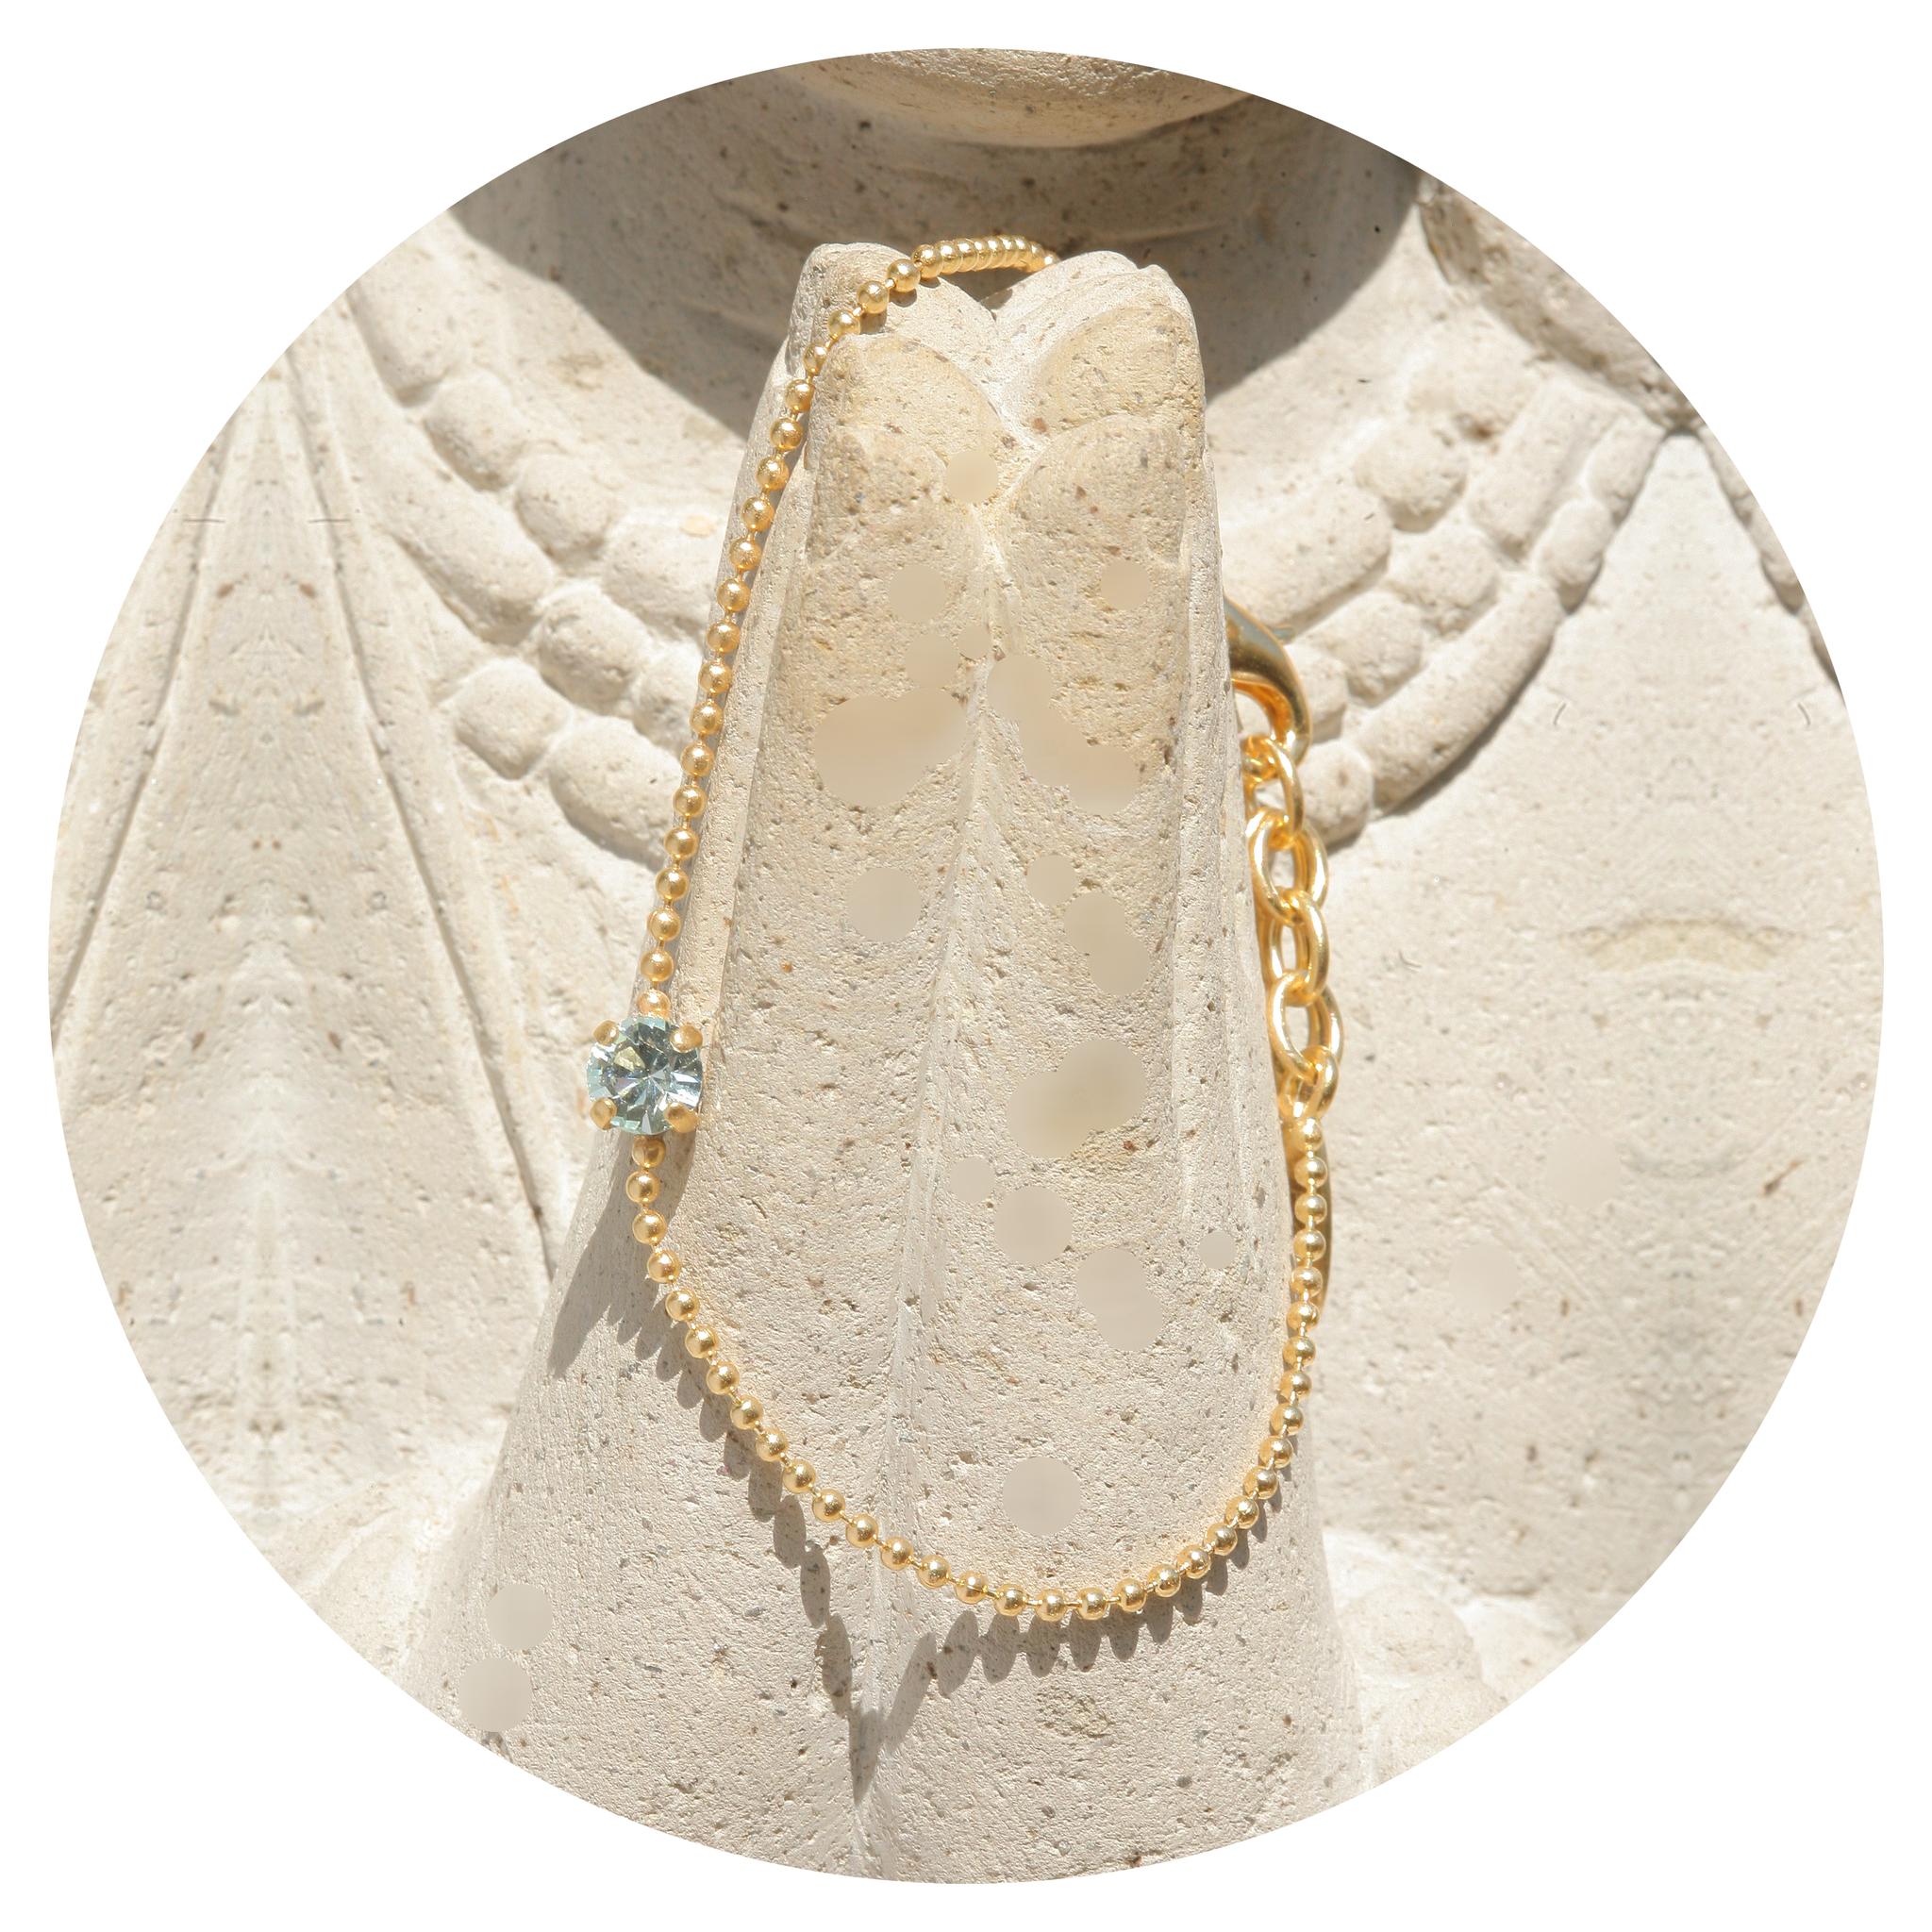 artjany vergoldetes  Armband  mit einem Swarovski Kristall